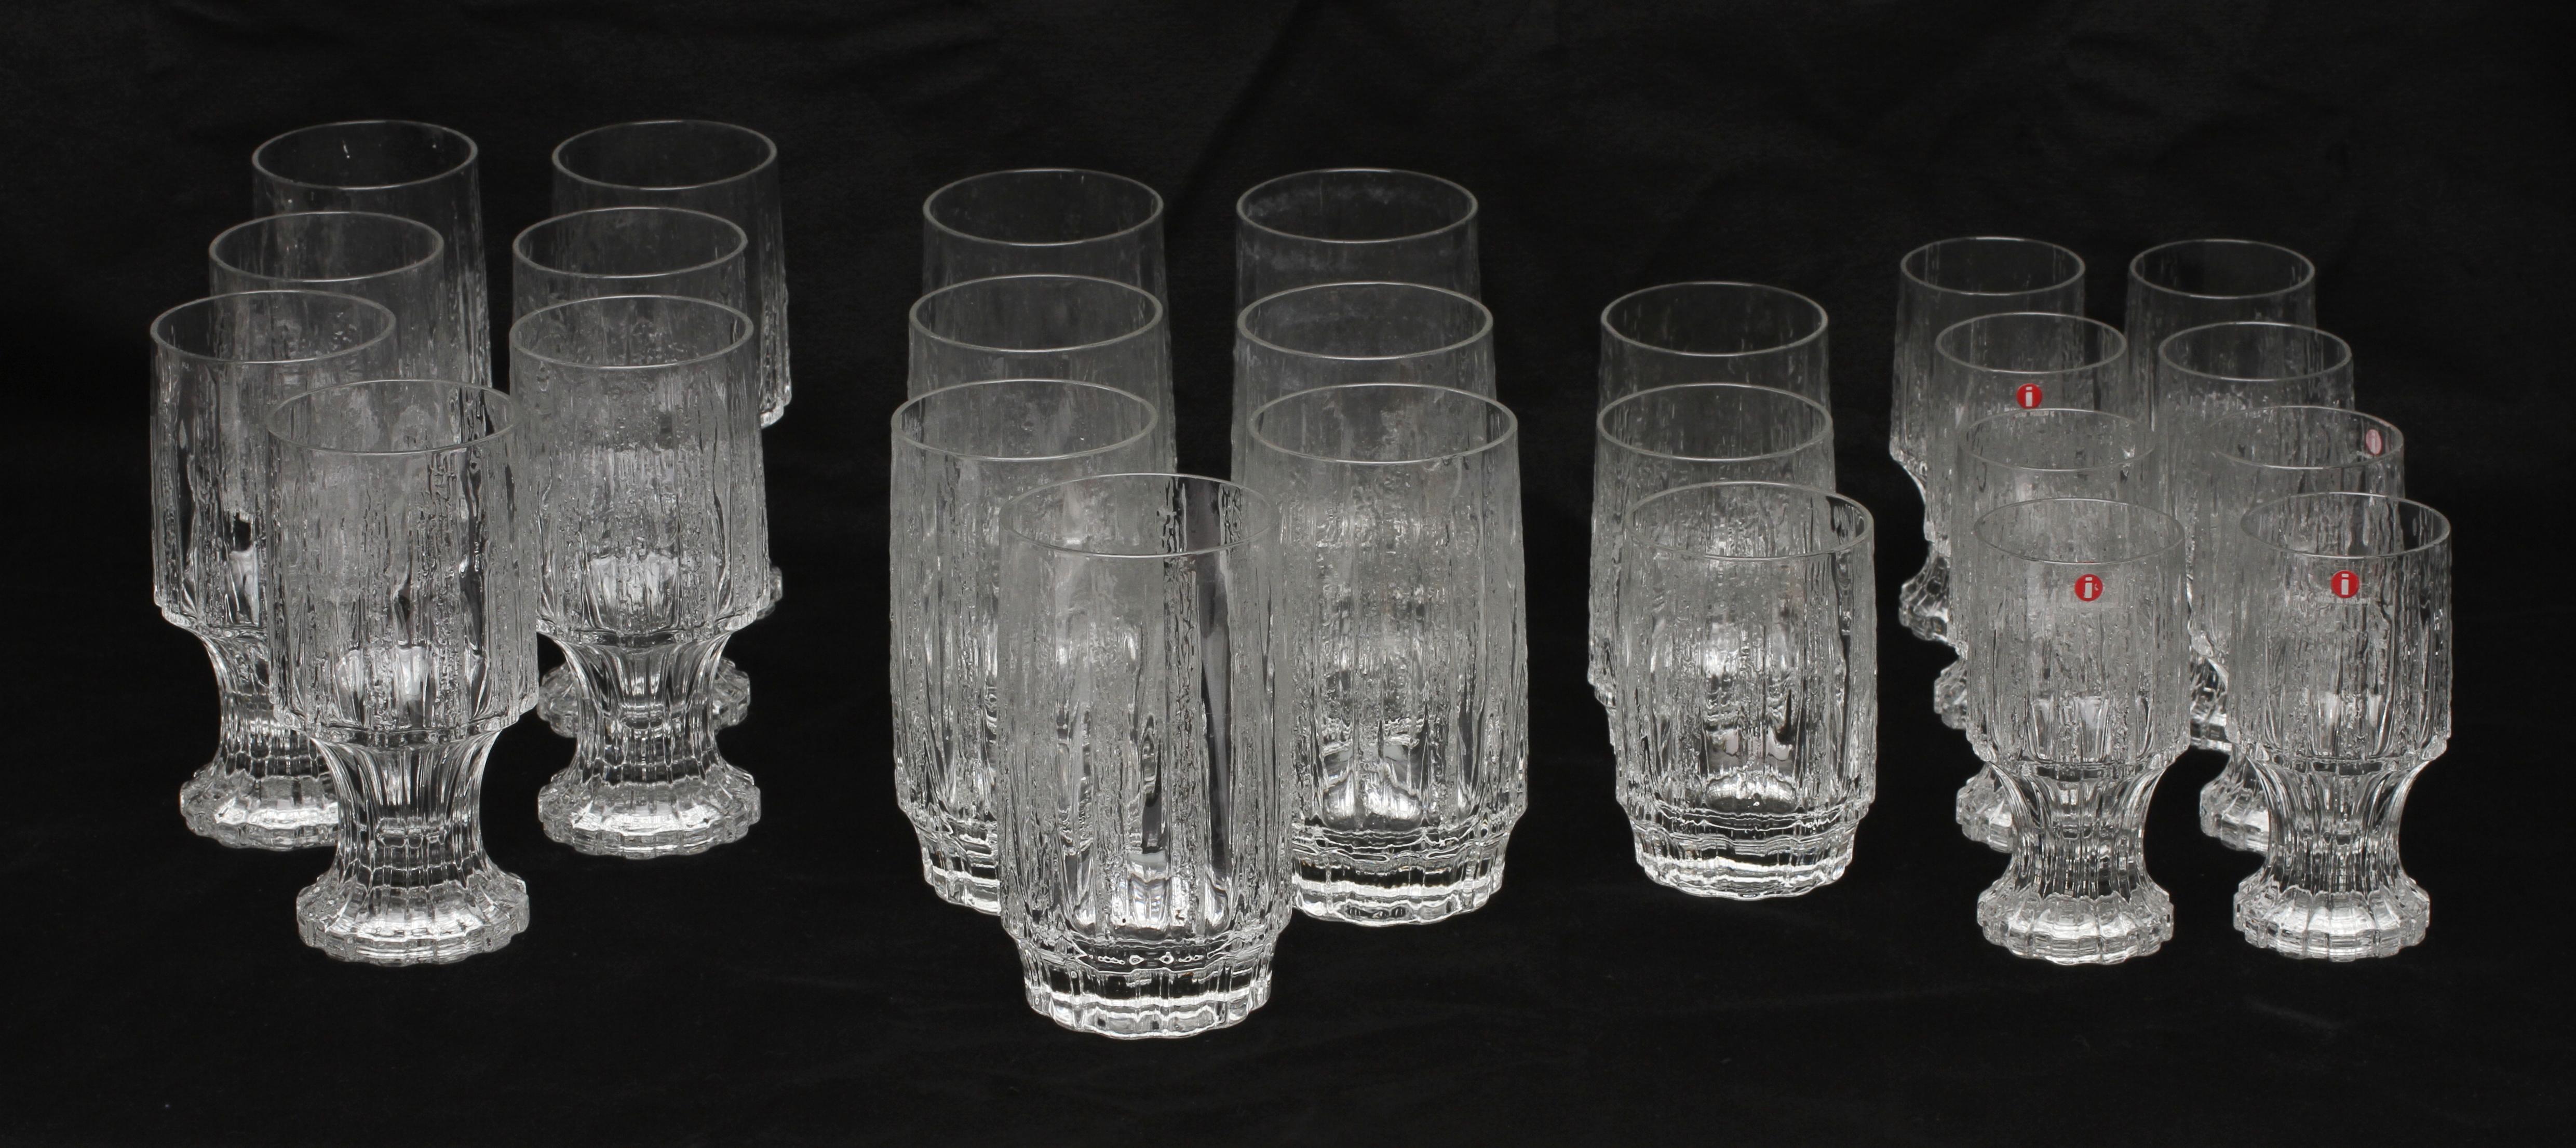 Iittala Gläser parti glas 47 delar iittala finland glass other auctionet